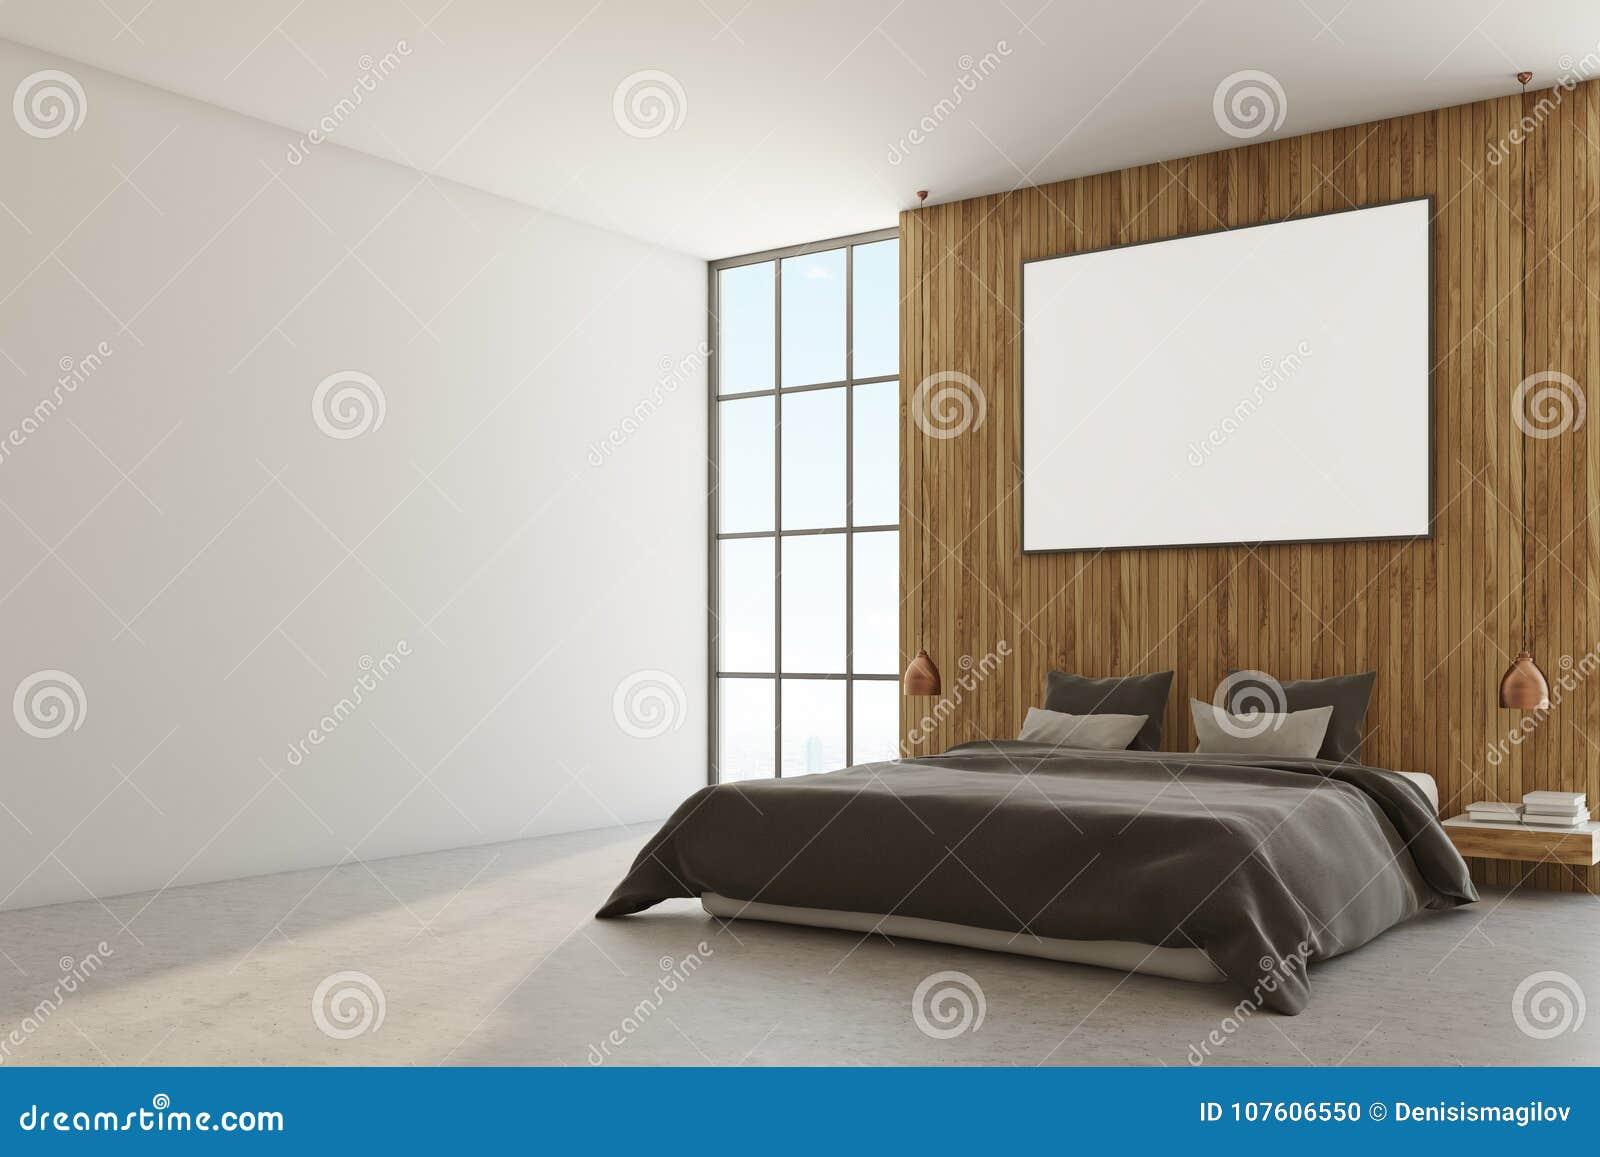 Camera Da Letto Bianco E Grigio : Arredamento camera da letto bianco e grigio joodsecomponisten